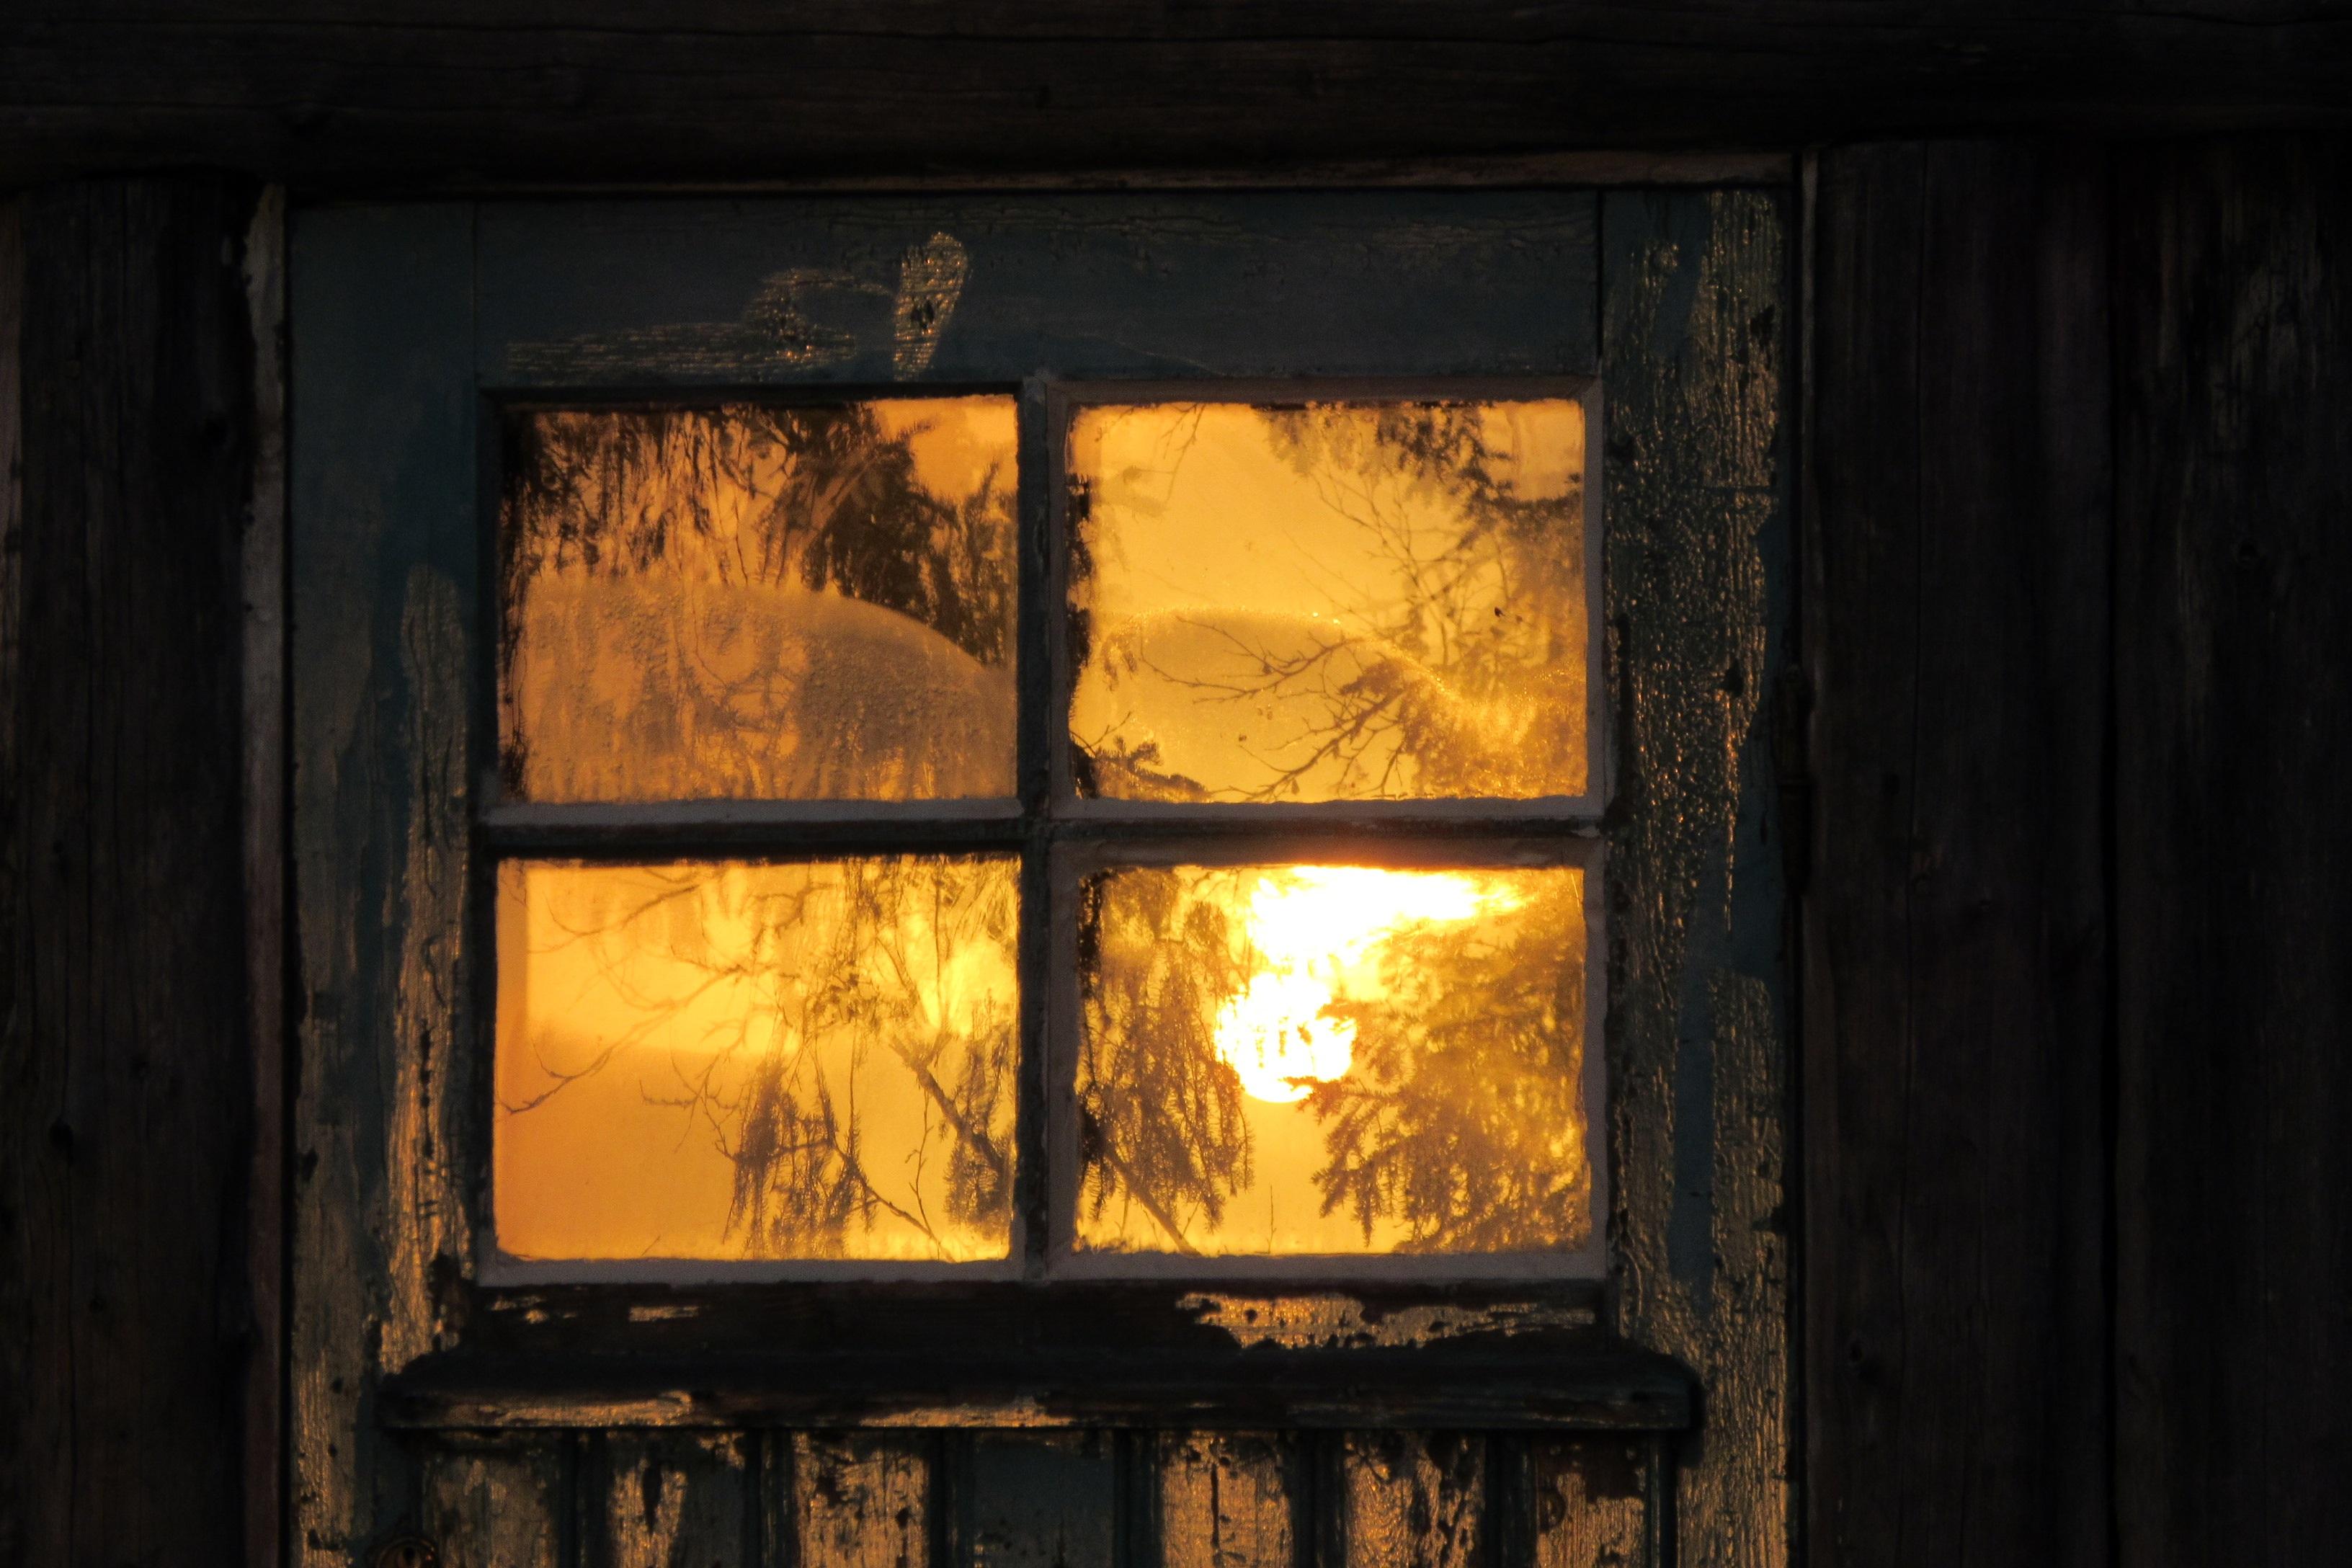 Kostenlose foto : Licht, Holz, Sonnenaufgang, Textur, Fenster, Mauer ...